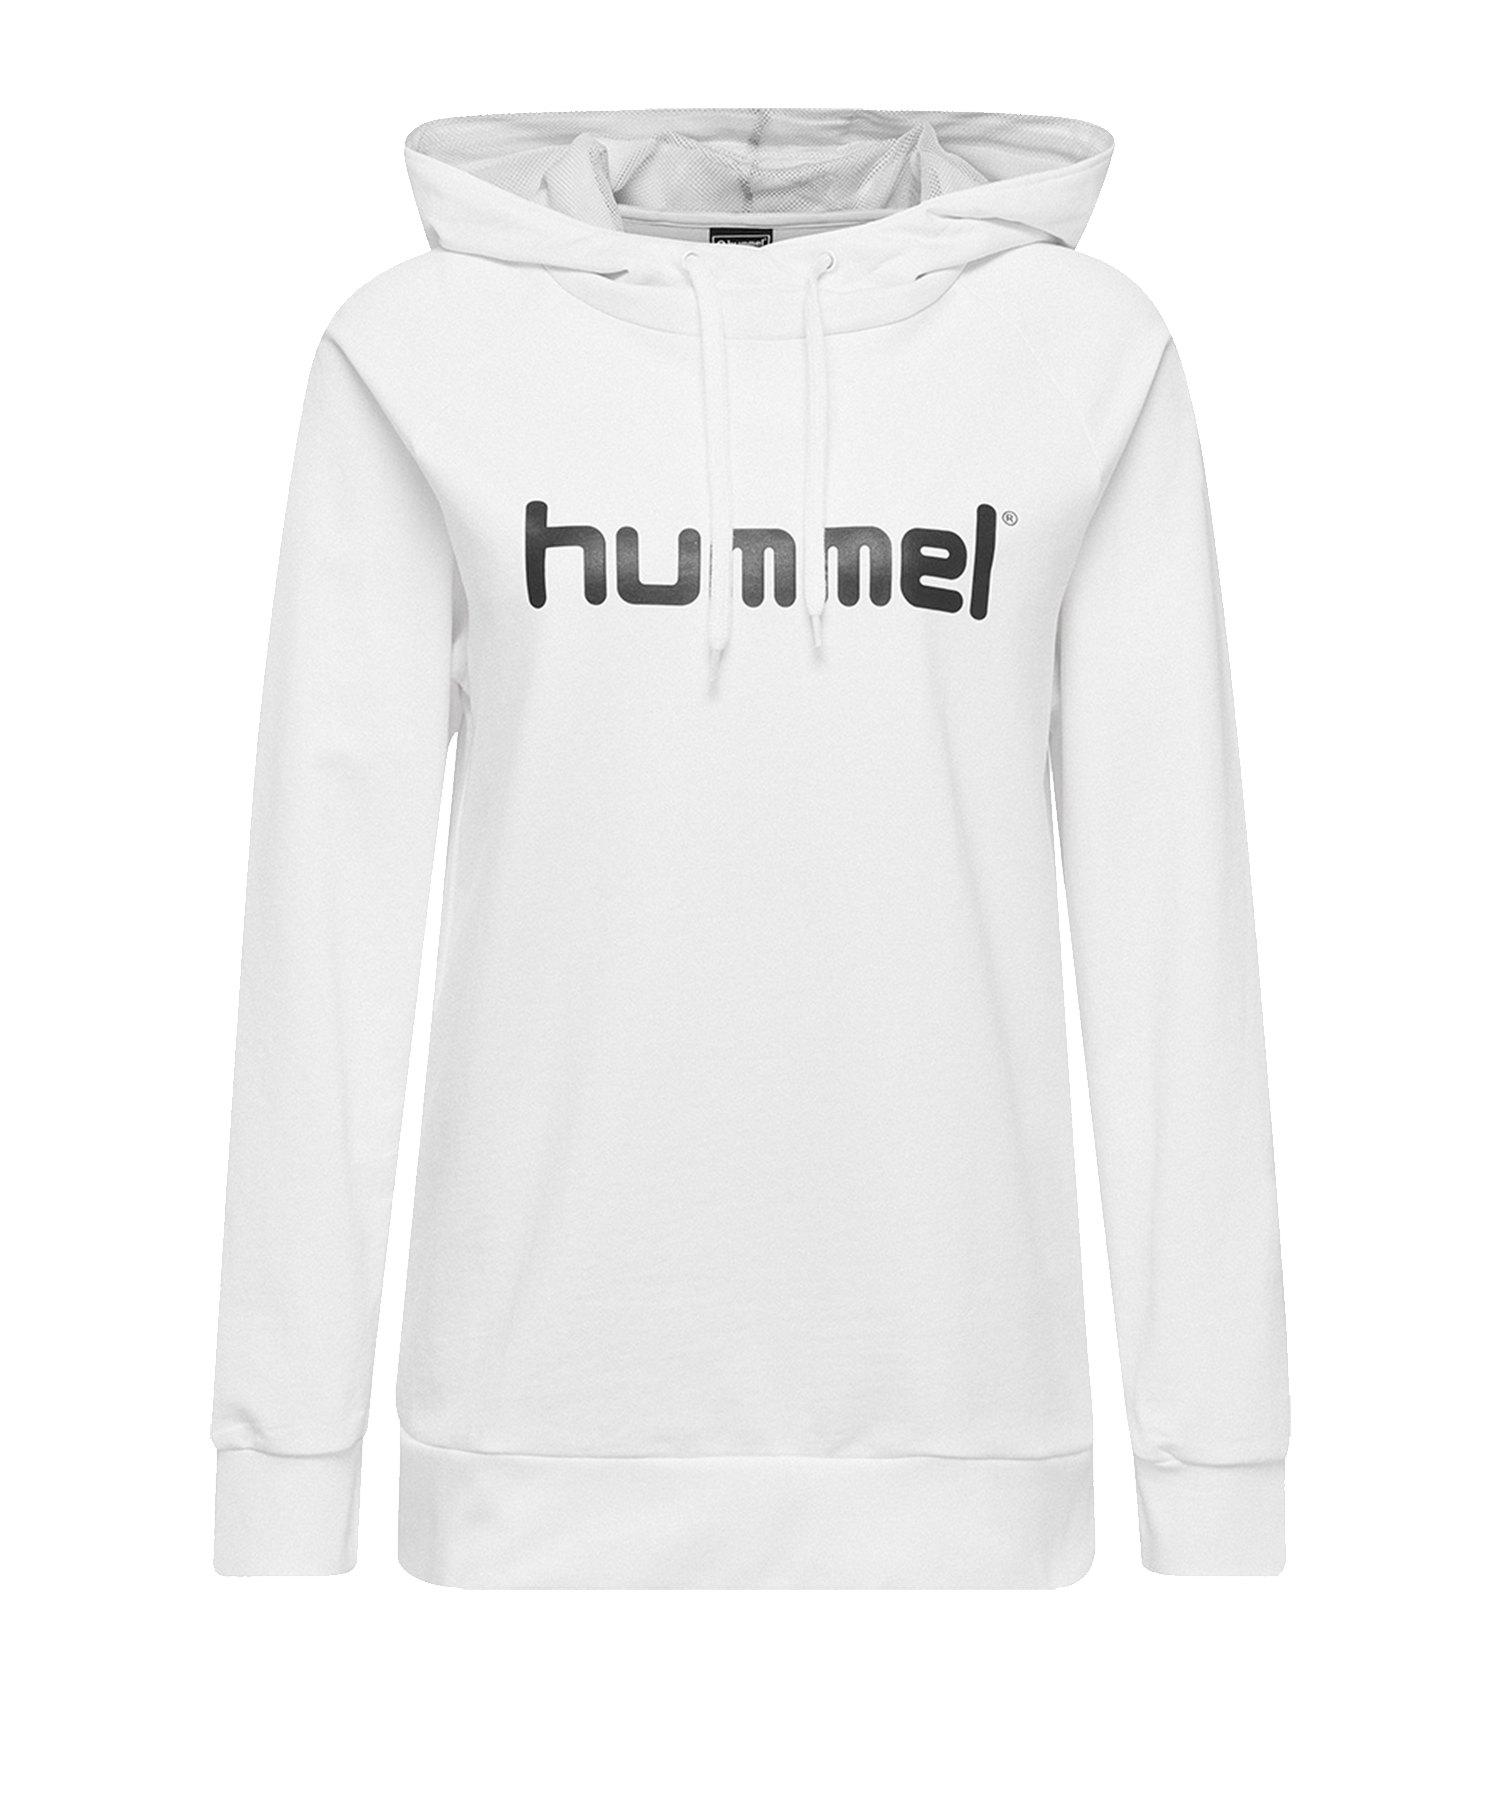 Hummel Cotton Logo Hoody Damen Weiss F9001 - Weiss